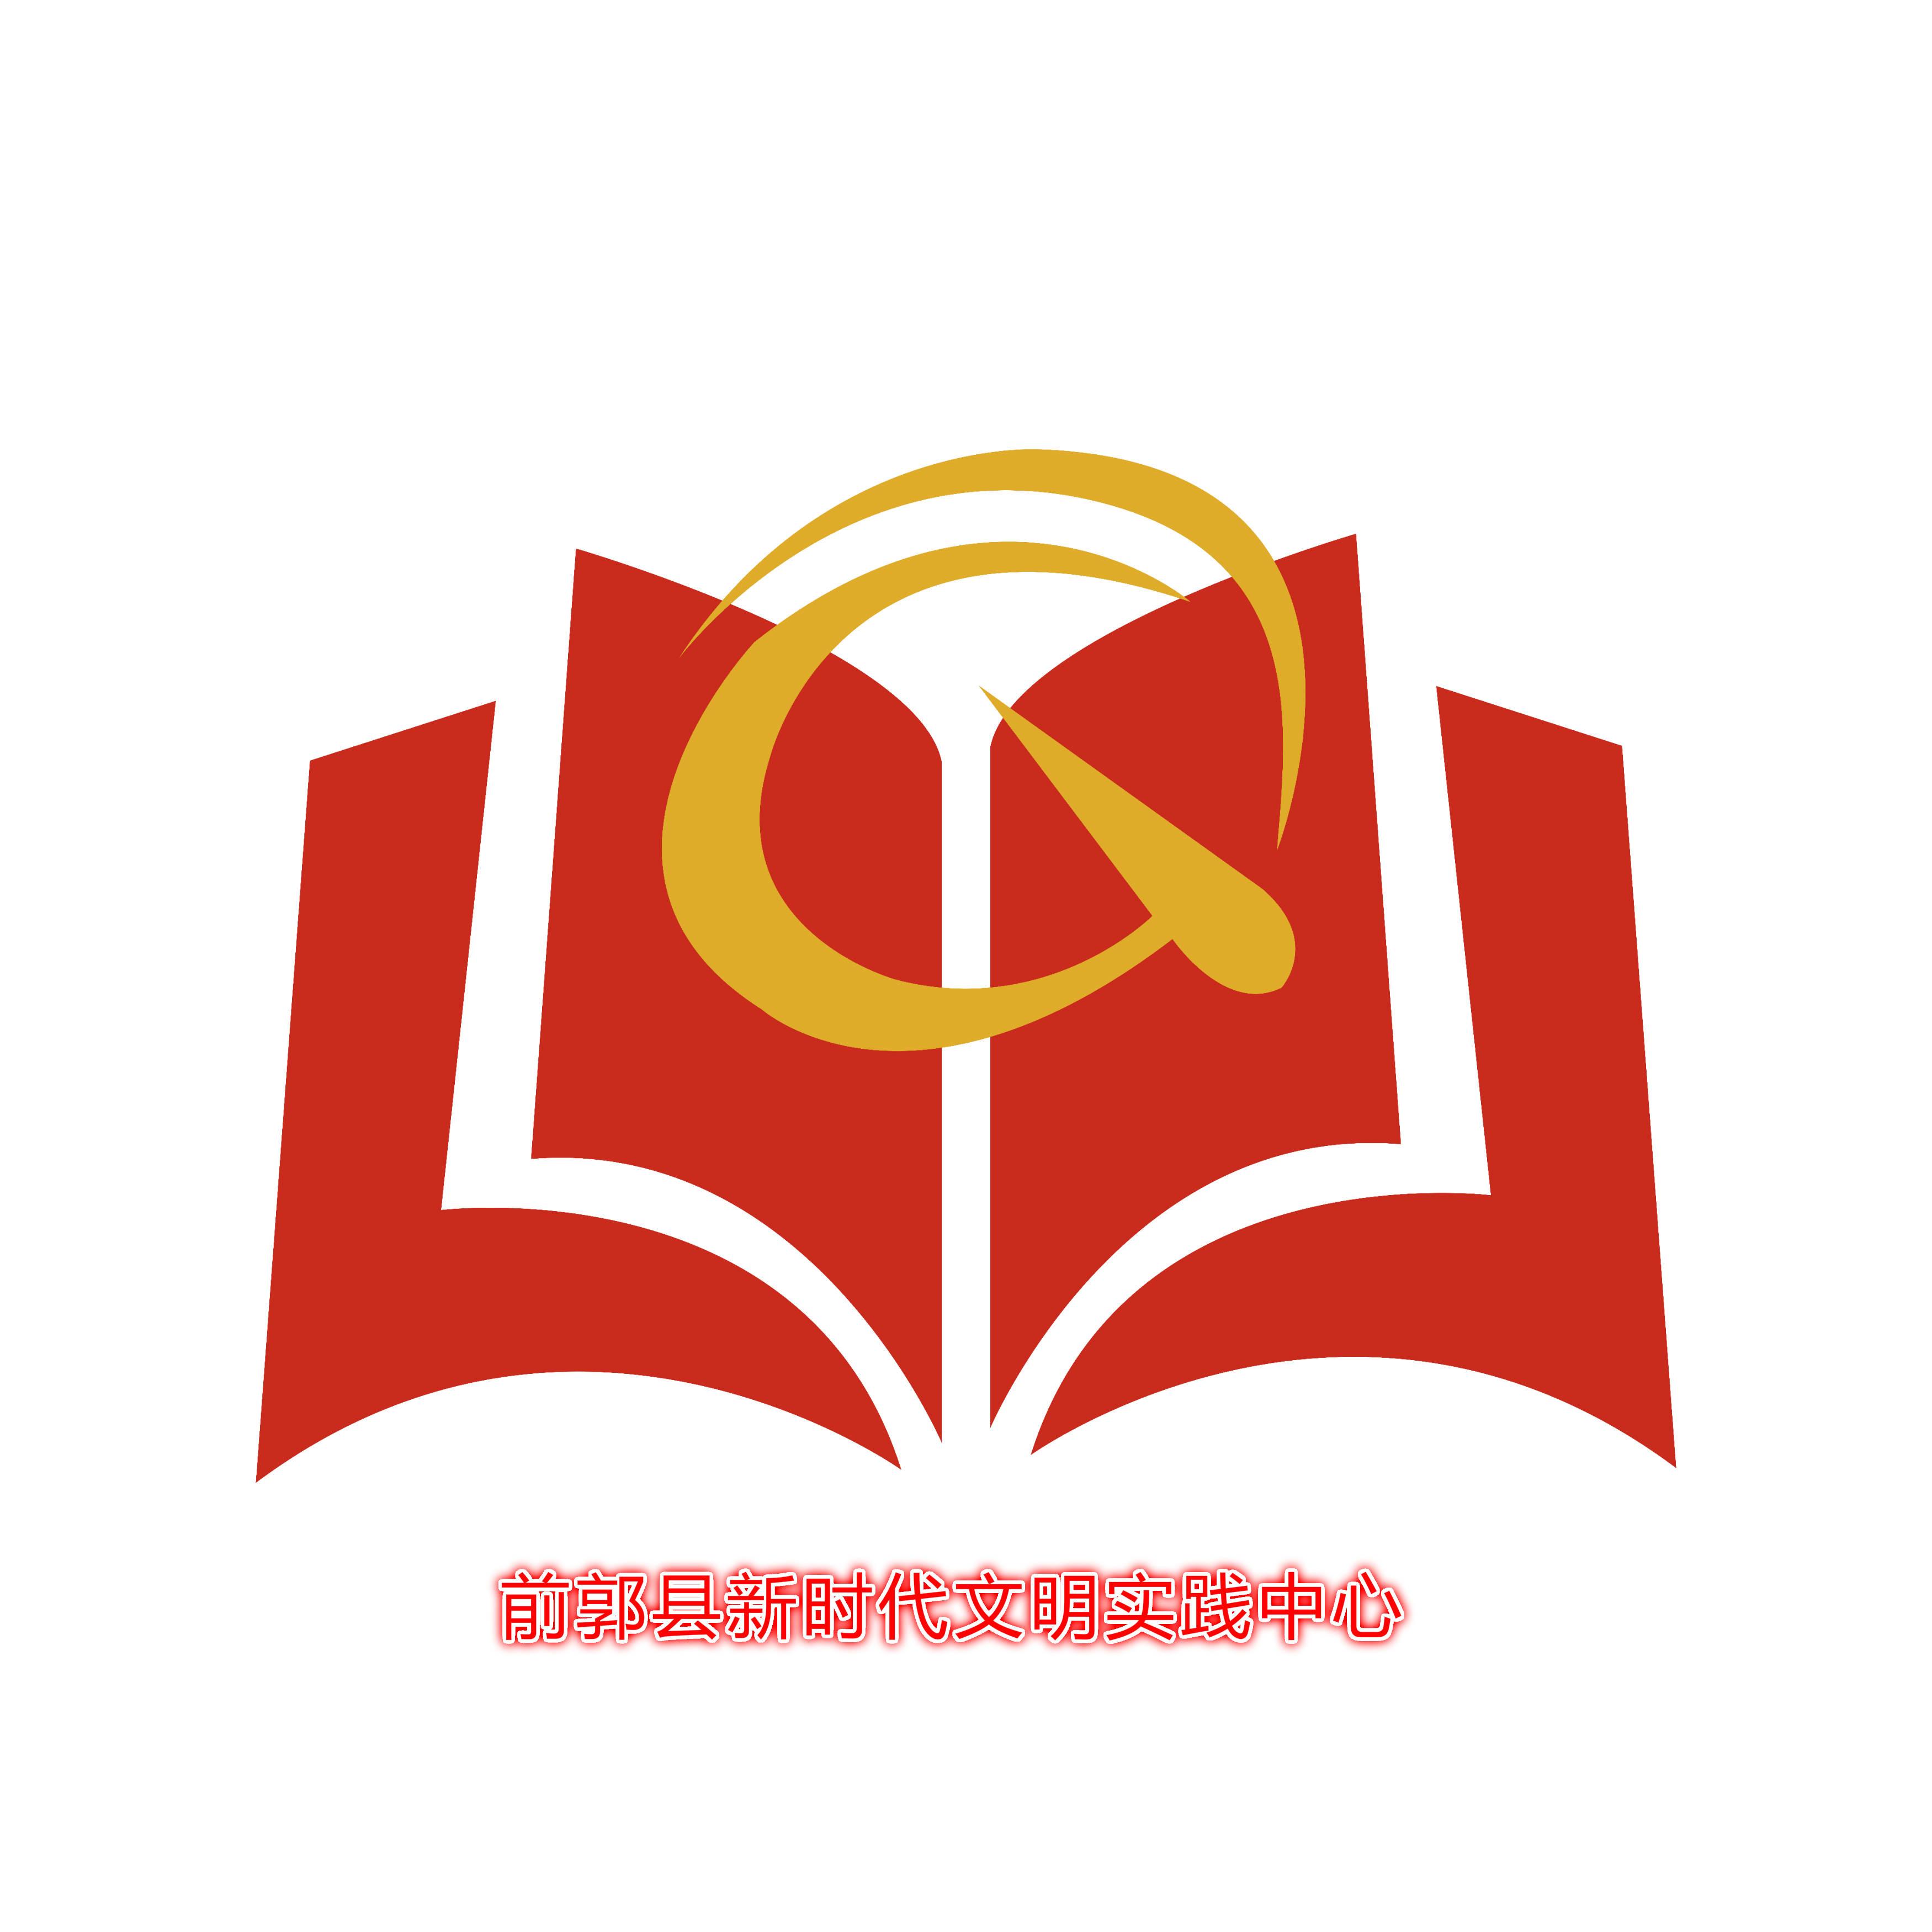 【我为群众办实事】前郭县司法局法援惠民办实事 创新服务多举措